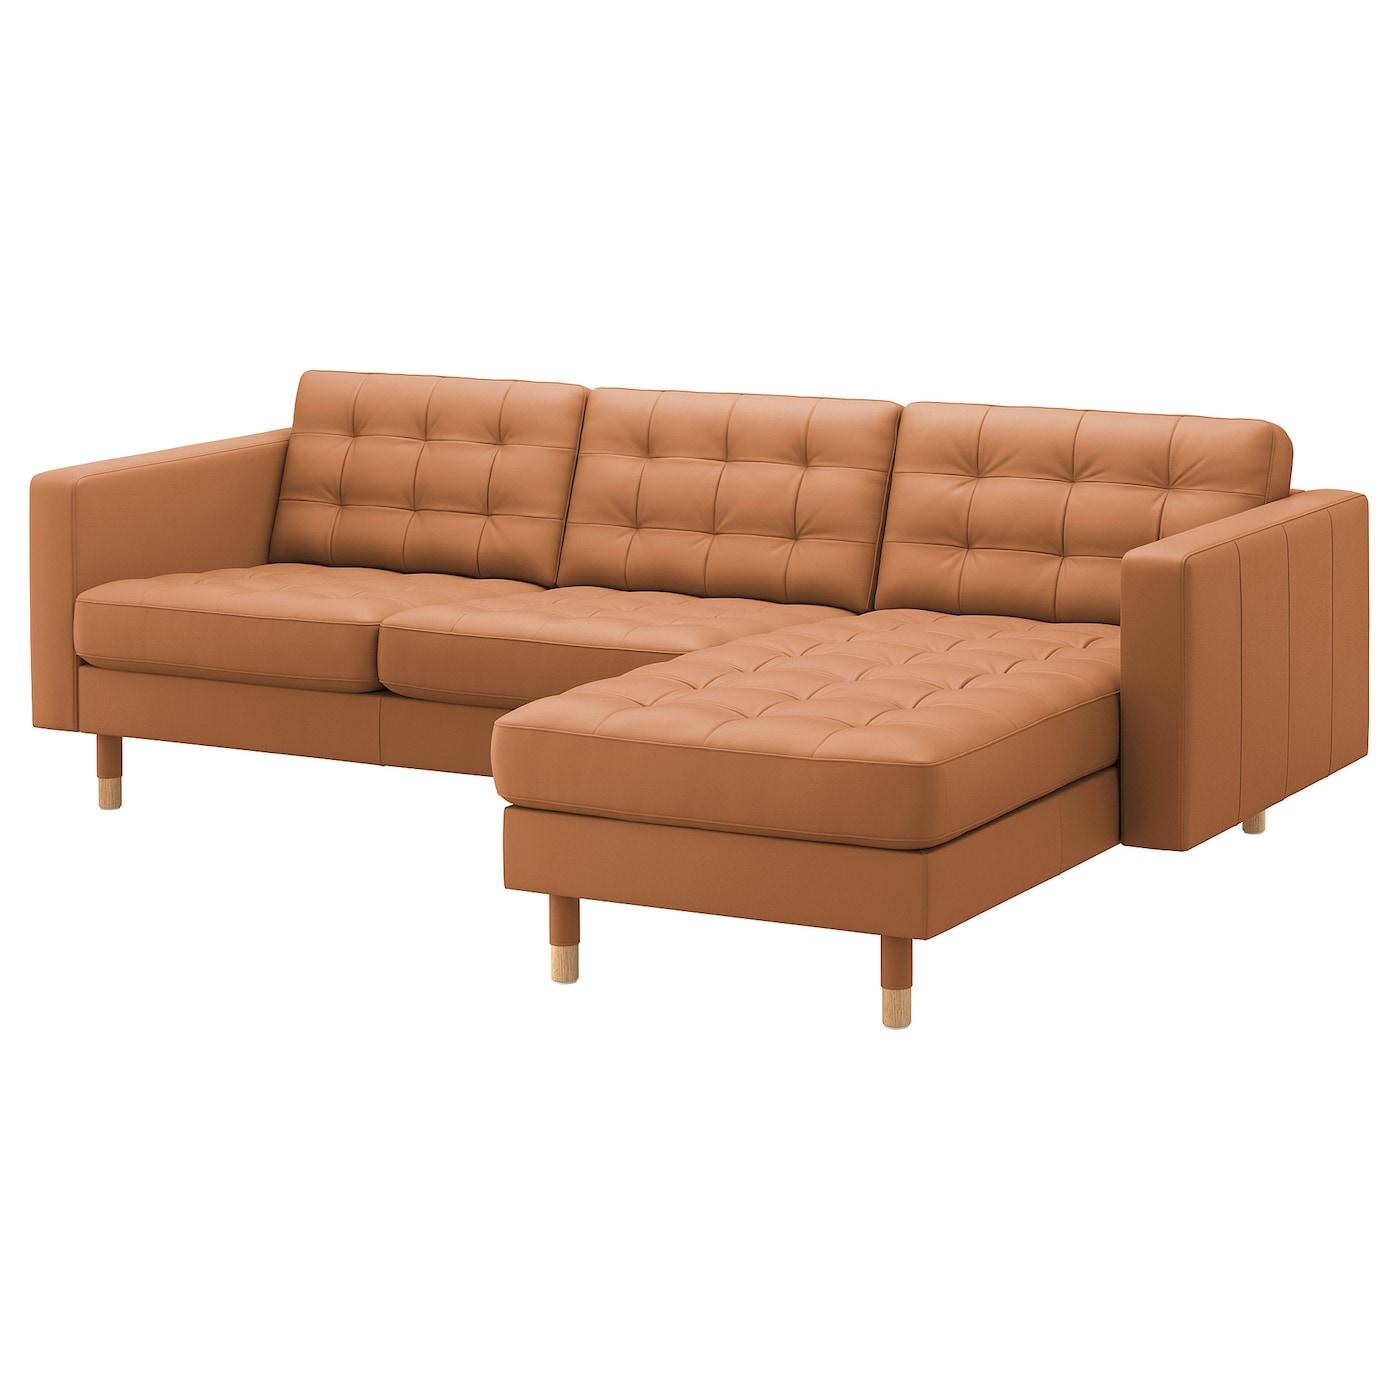 Ø 80 Furniture Feet möbelfuß schrankfüß sofafuß Wood Beech Beech Wood ND3